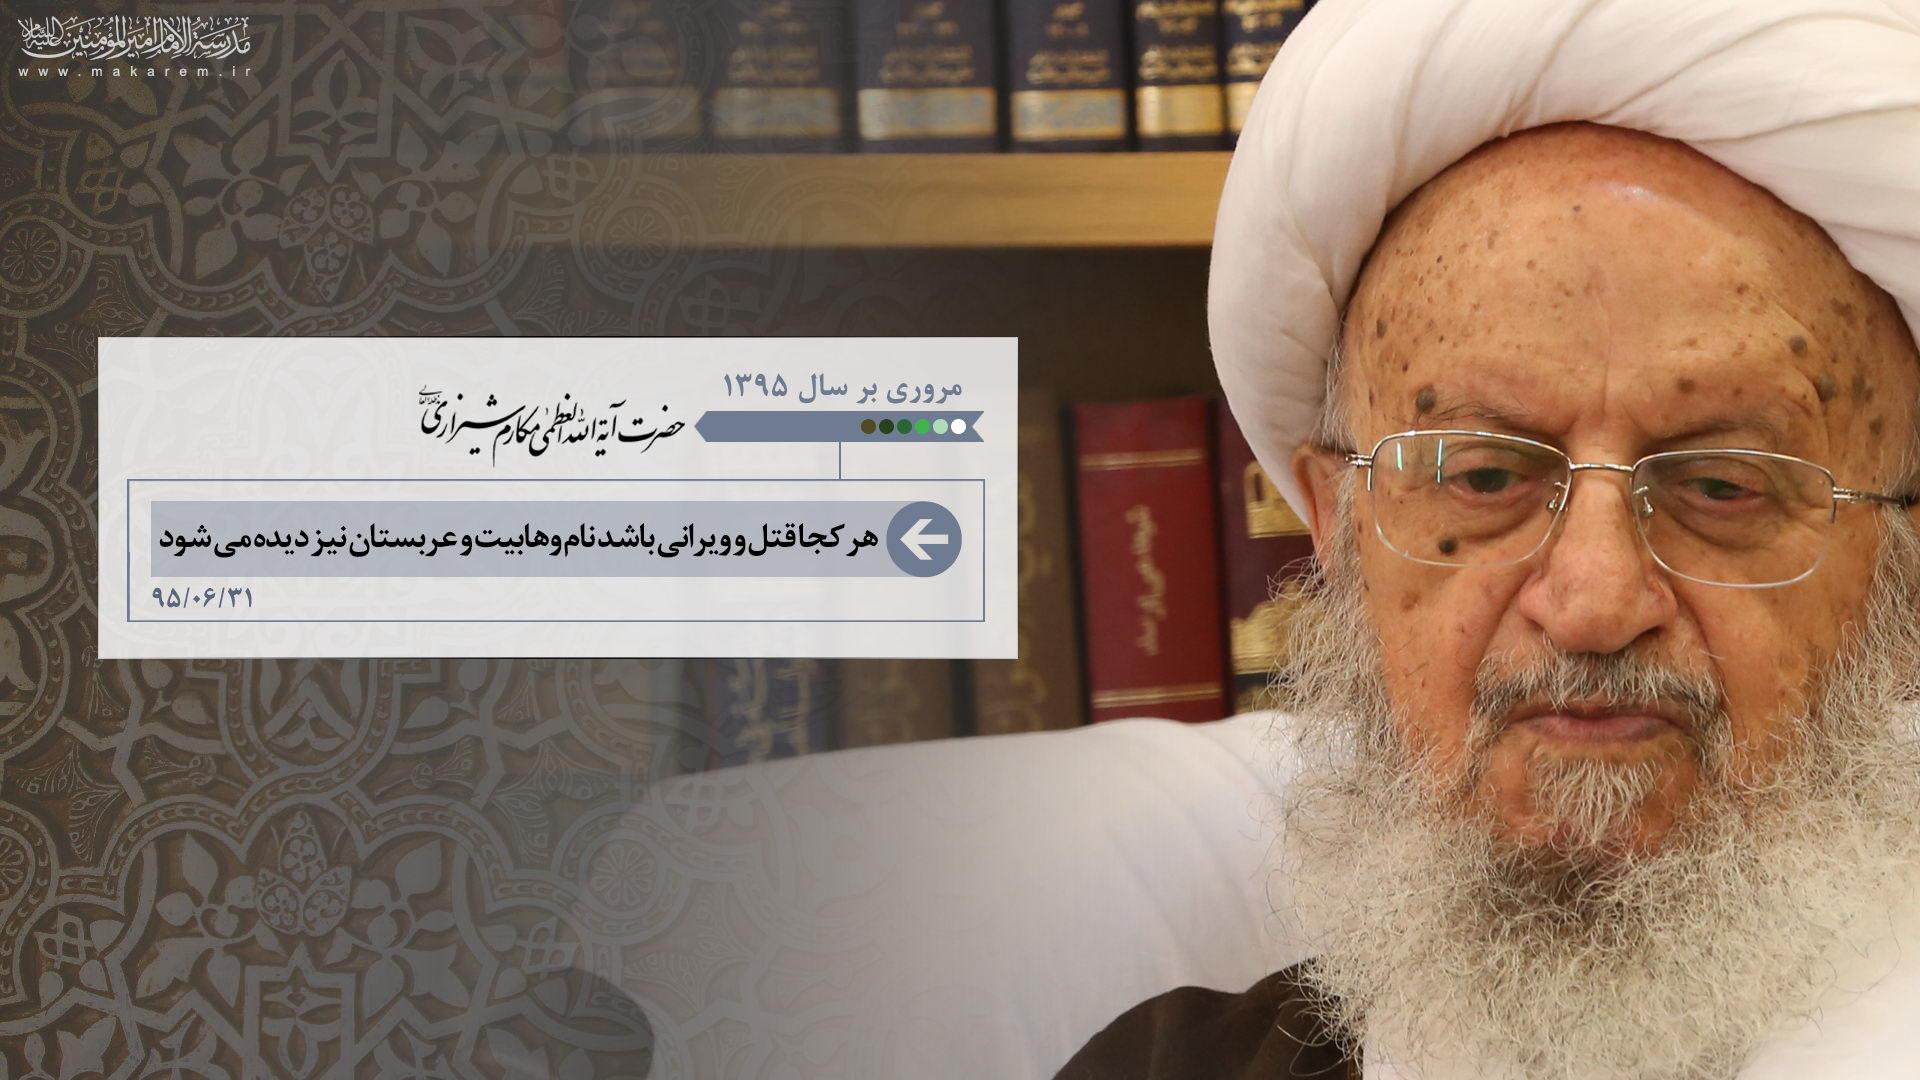 هر کجا قتل و ویرانی باشد نام وهابیت و عربستان دیده می شود-مدرسه الامام امیر المومنین (ع)